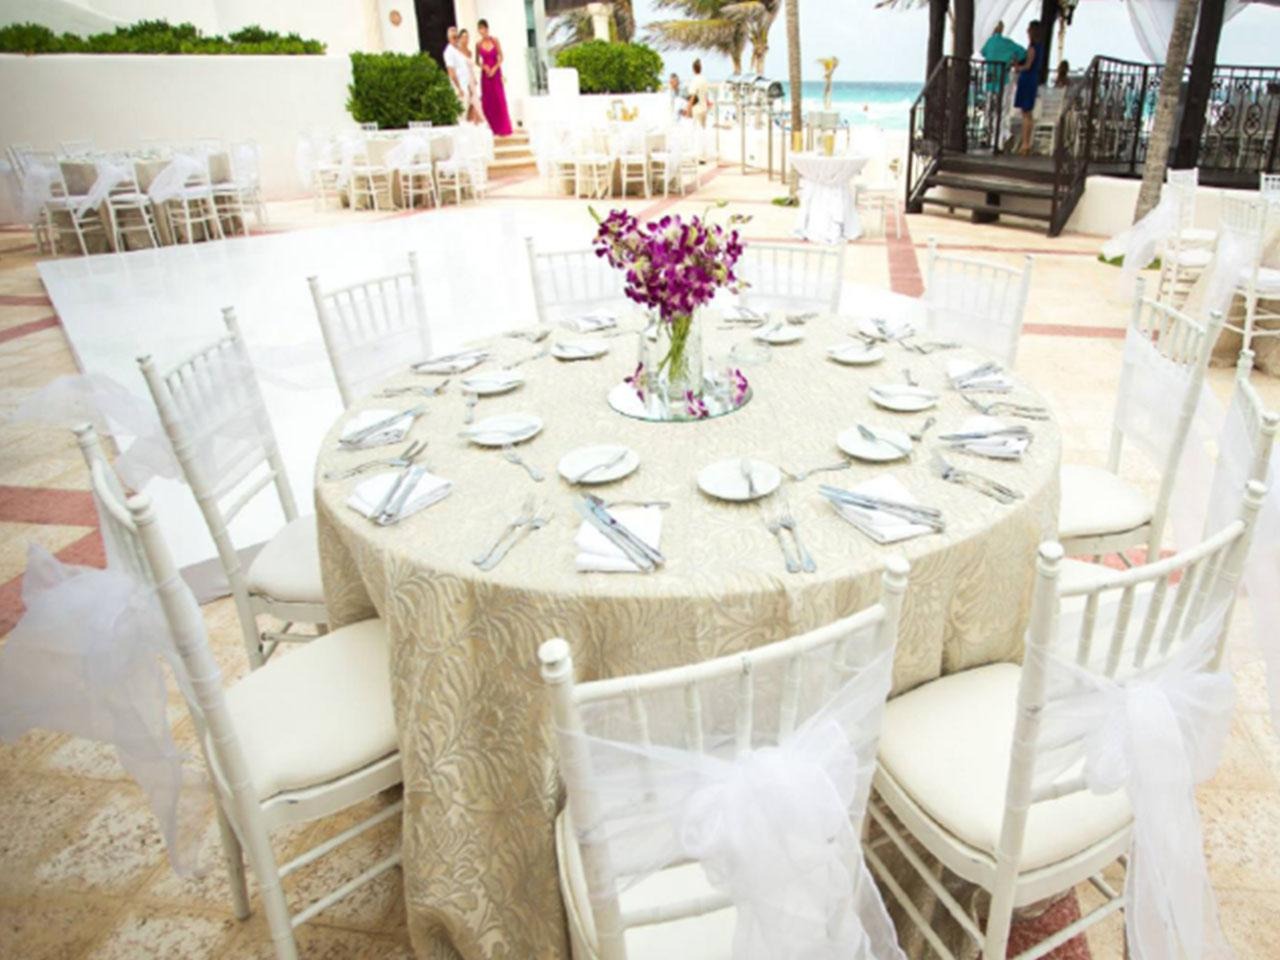 wedding Planner en Monterrey, Boda en la playa, Las mejores bodas en la playa en México - Paquetes nacionales: noches de amor